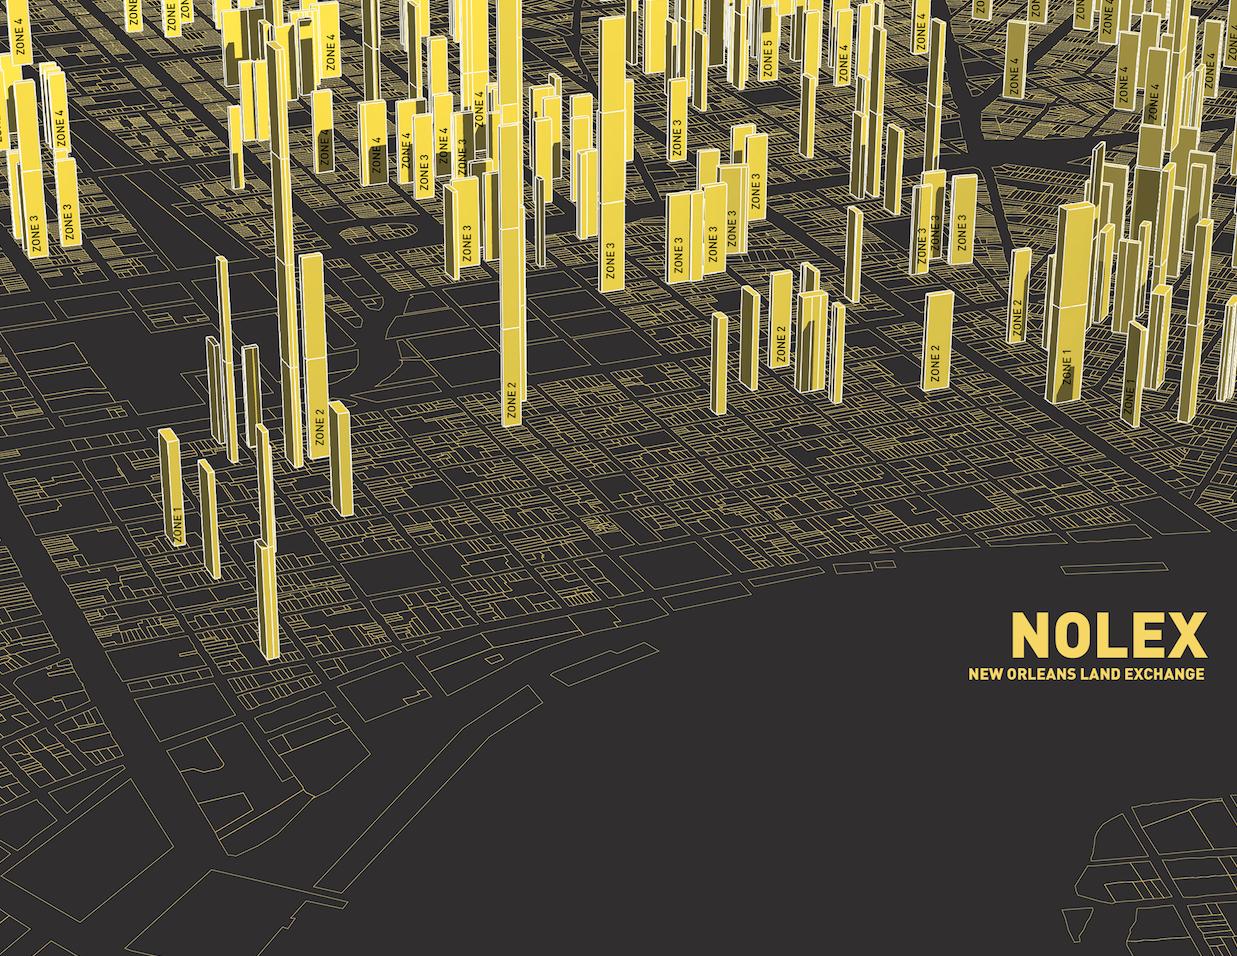 Três finalistas desenvolverão estratégias de reutilização de terrenos desocupados em New Orleans, NOLEX. Cortesia de VAI